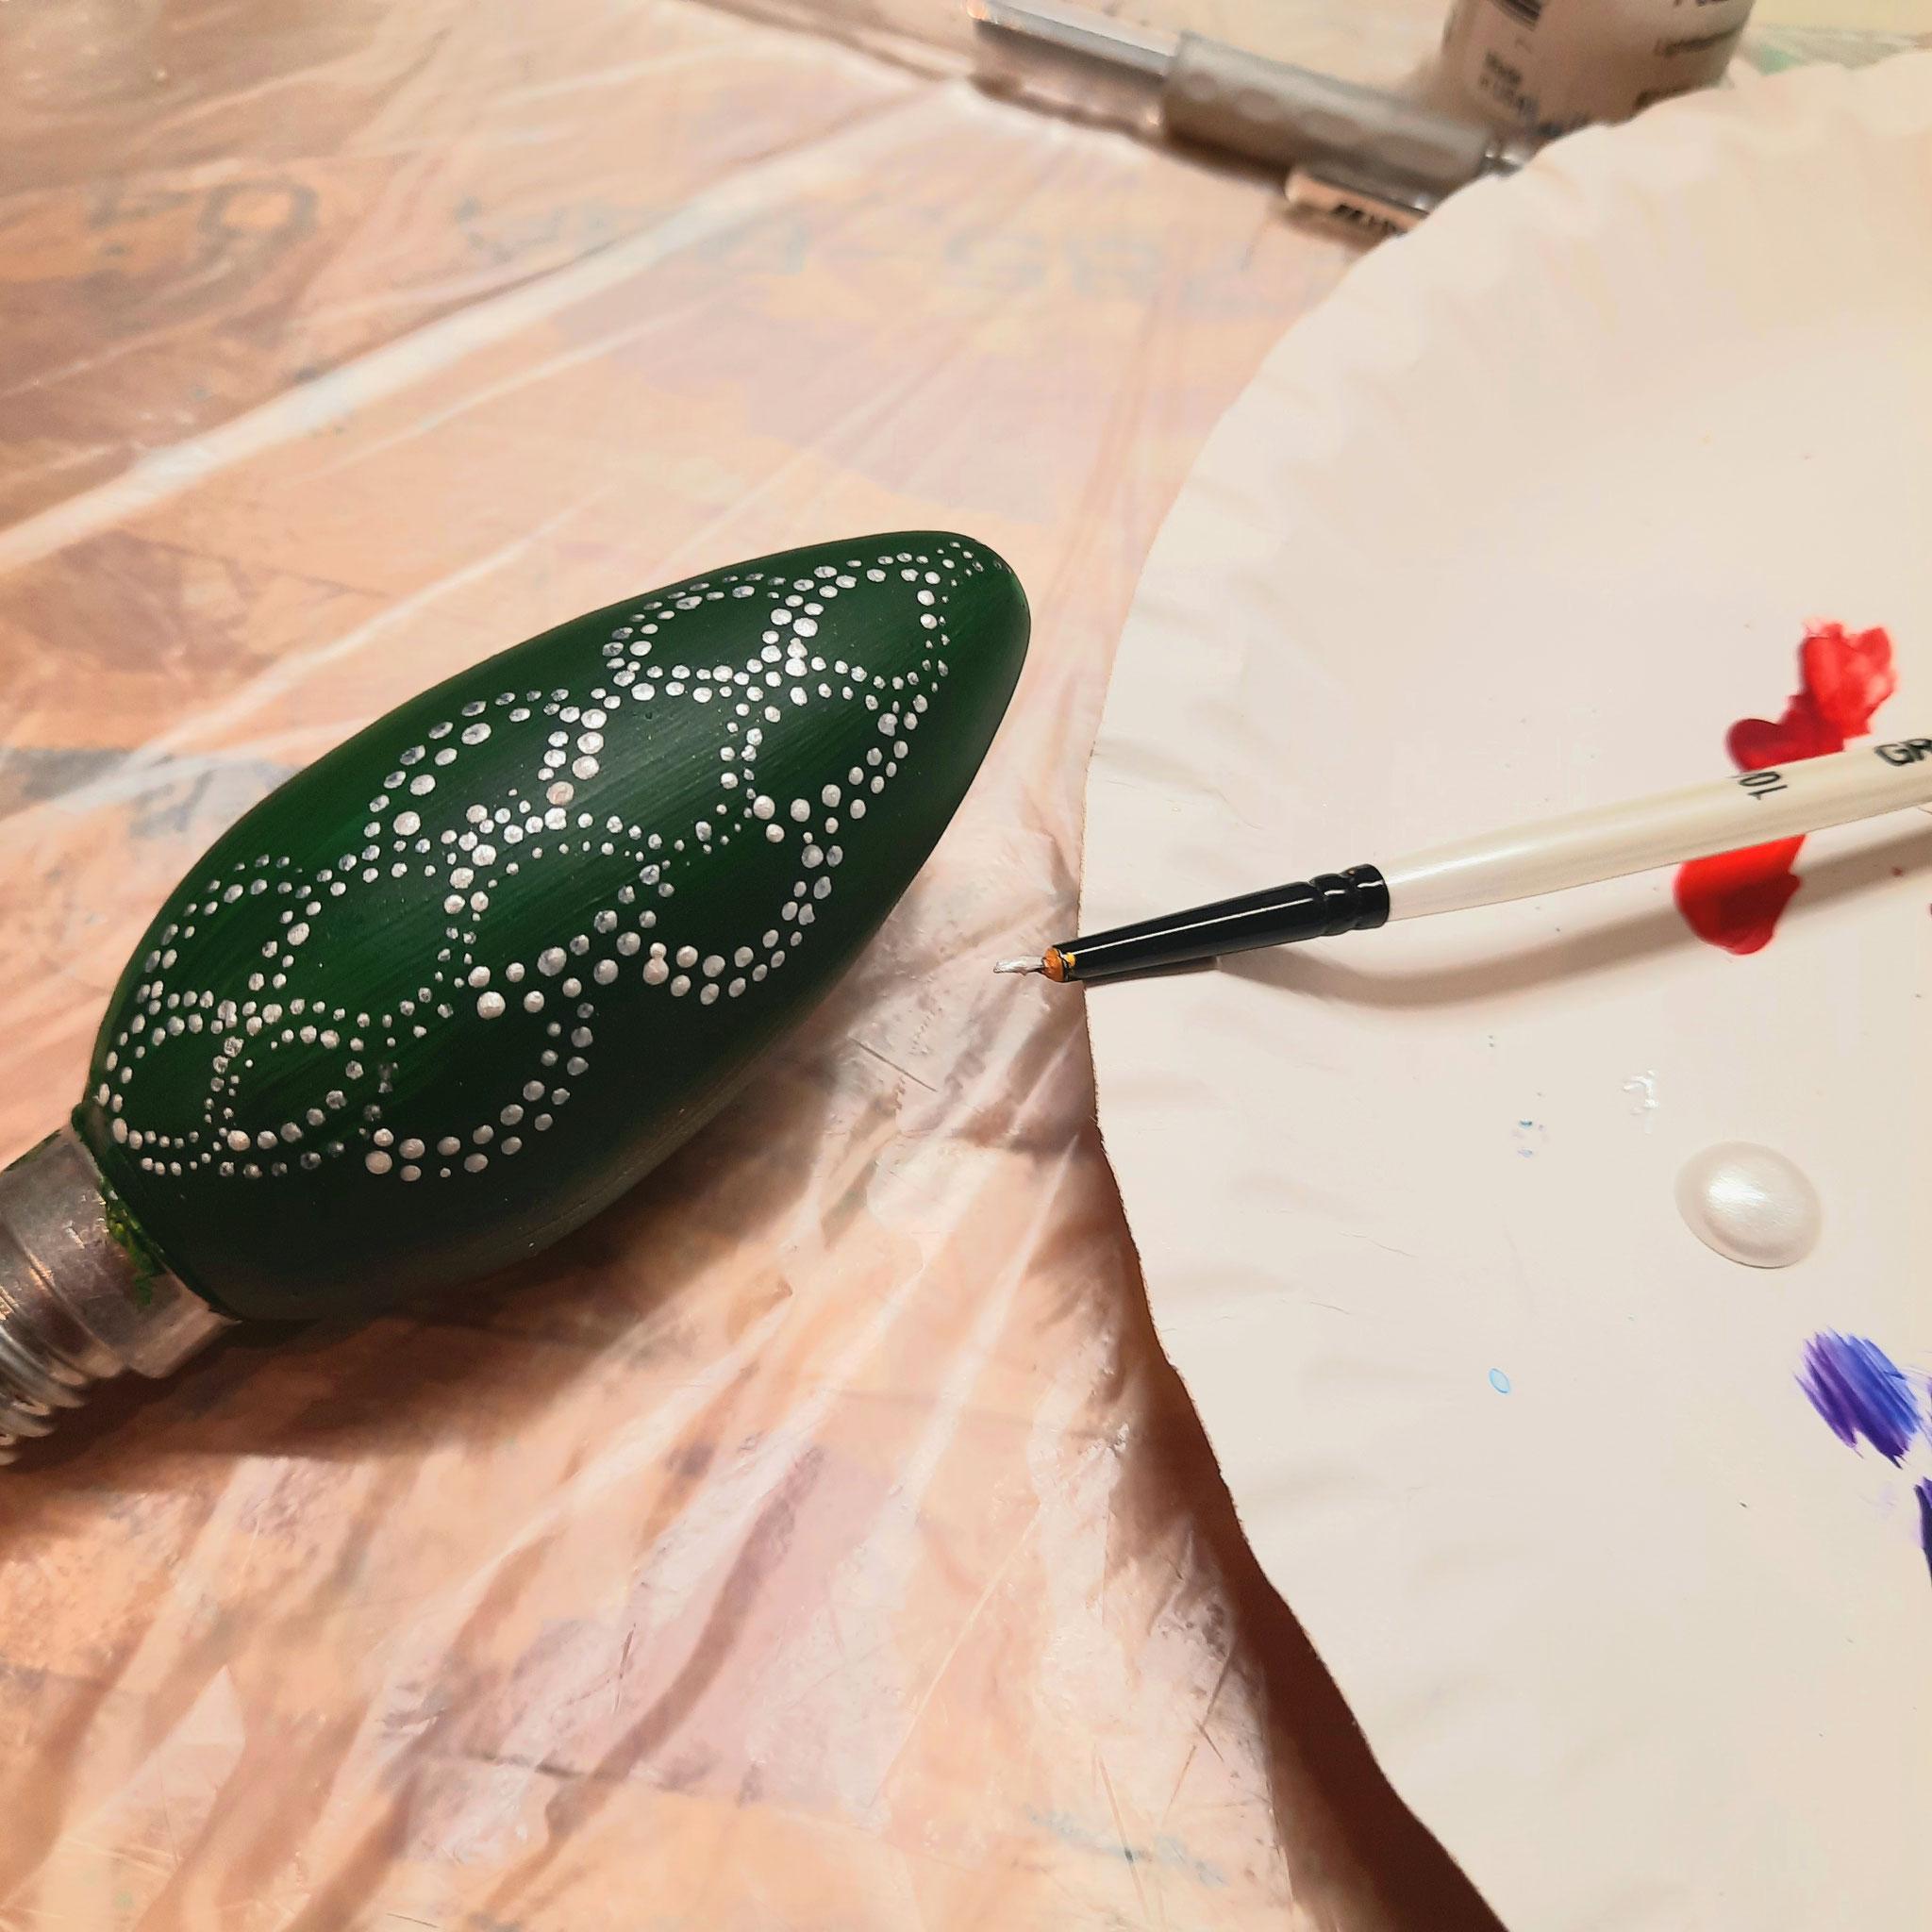 Verzierungen mit wasserfesten Finelinern oder Acrylfarbe